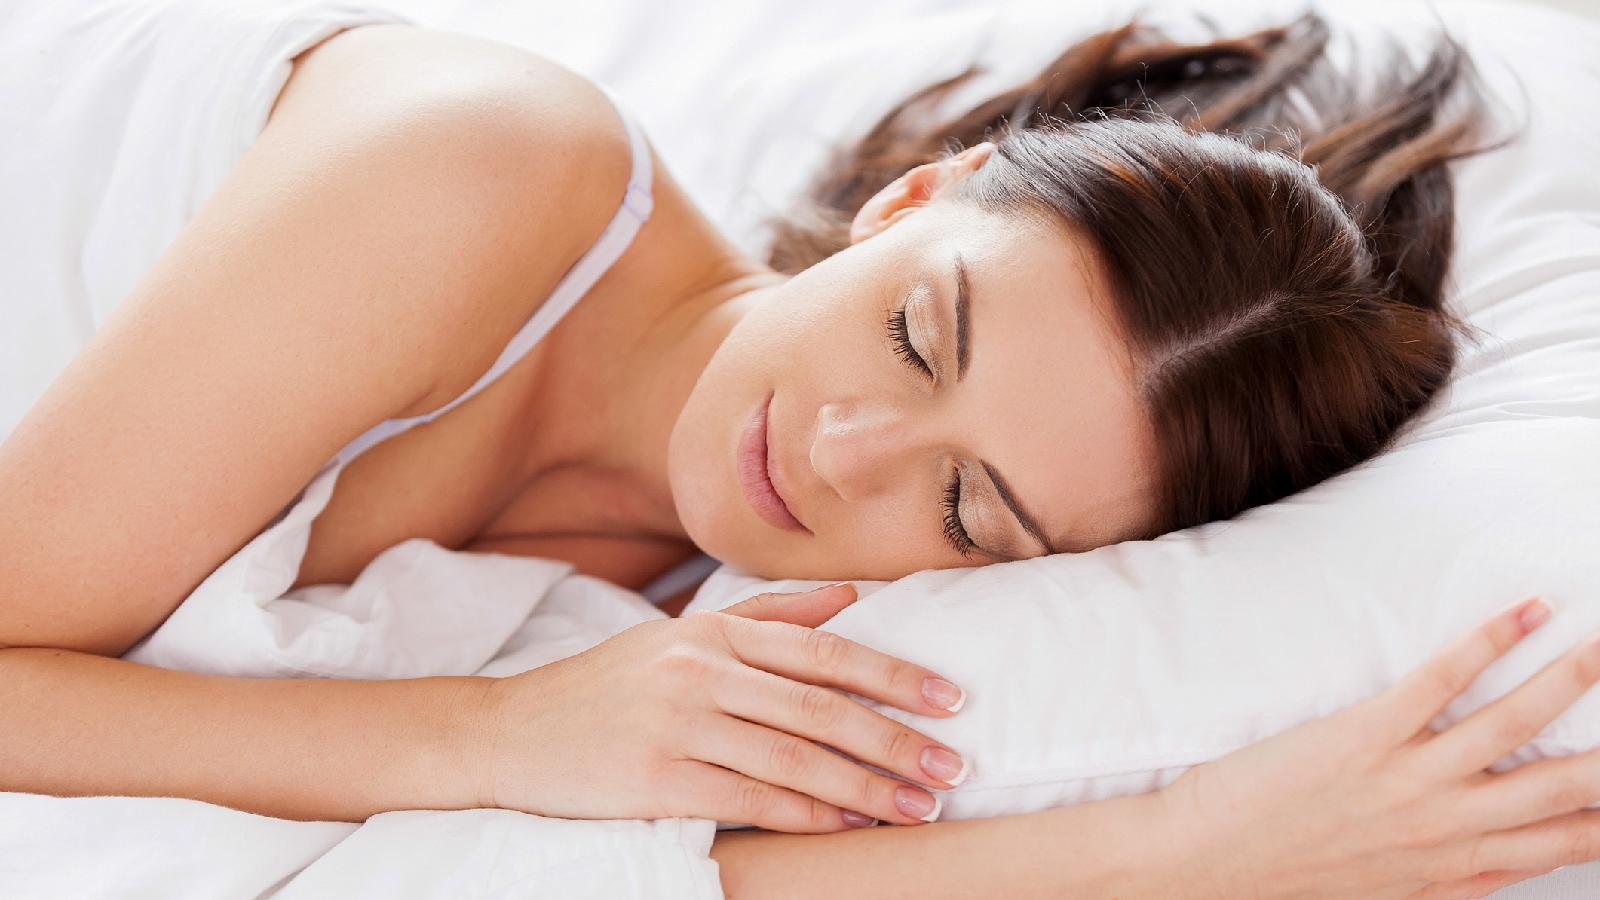 Schlafen mit BH 2 zugeschnitten